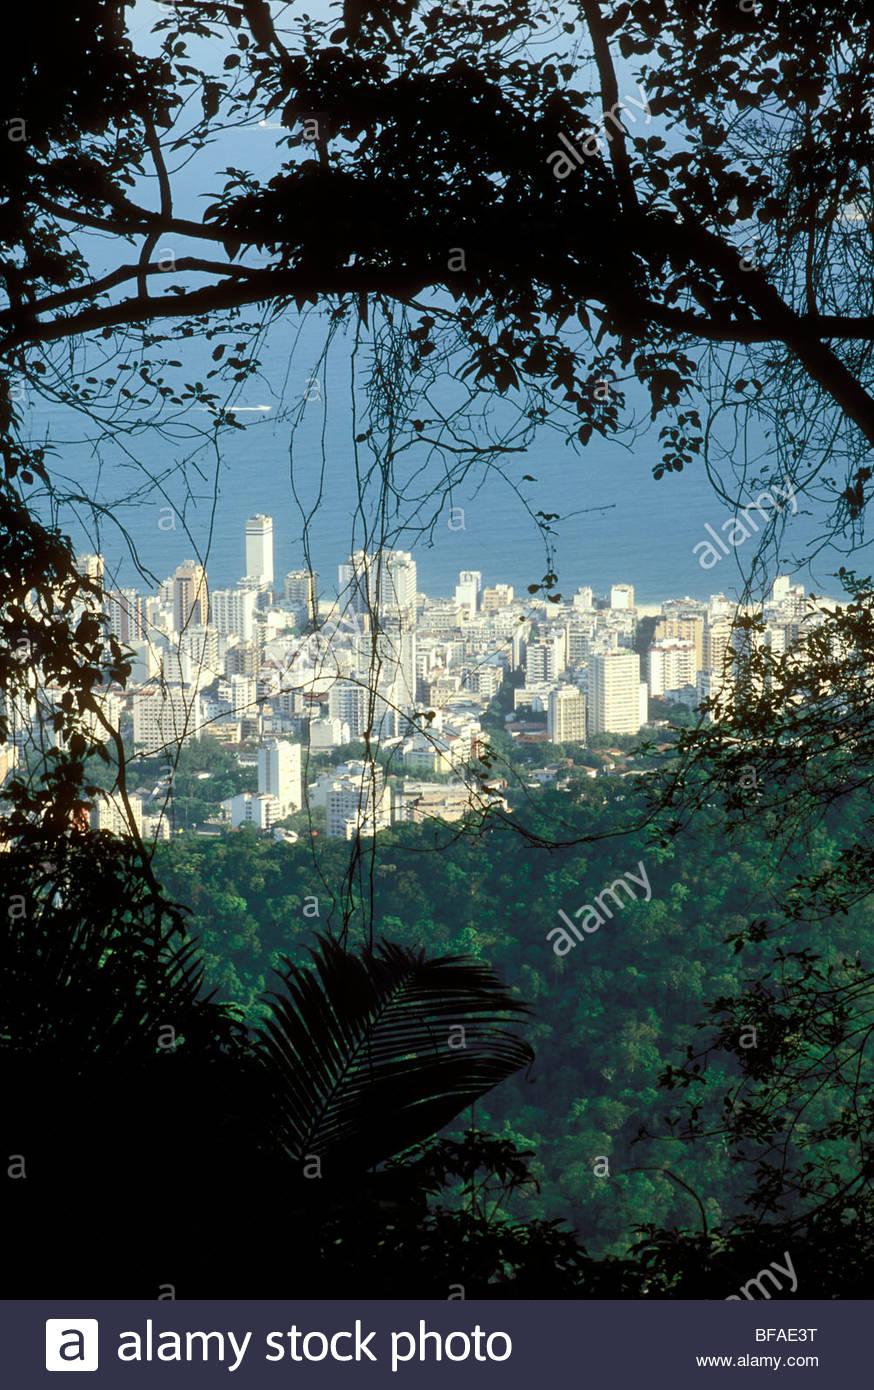 Rainforest next to city sprawl, Rio de Janeiro, Brazil - Stock Image